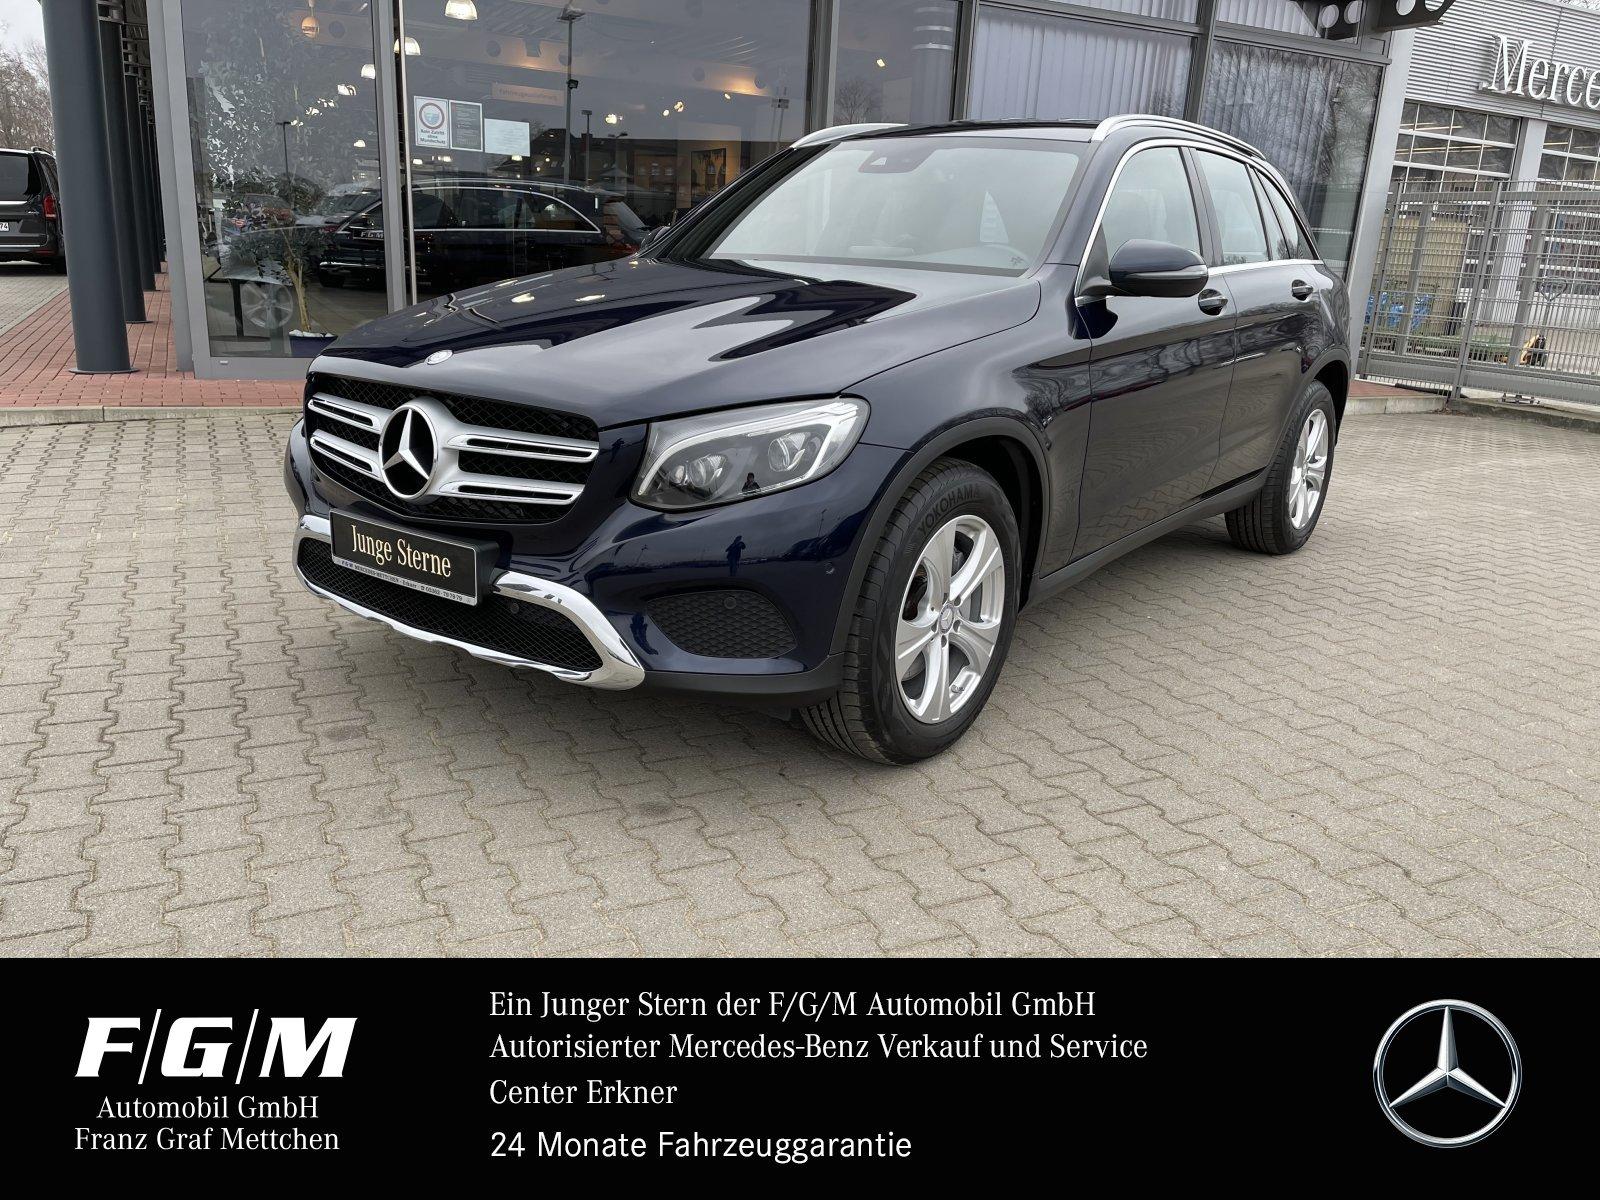 Mercedes-Benz GLC 220 d 4M EXCLUSIVE/Comand/PTS/LED-ILS/AHK BC, Jahr 2016, Diesel